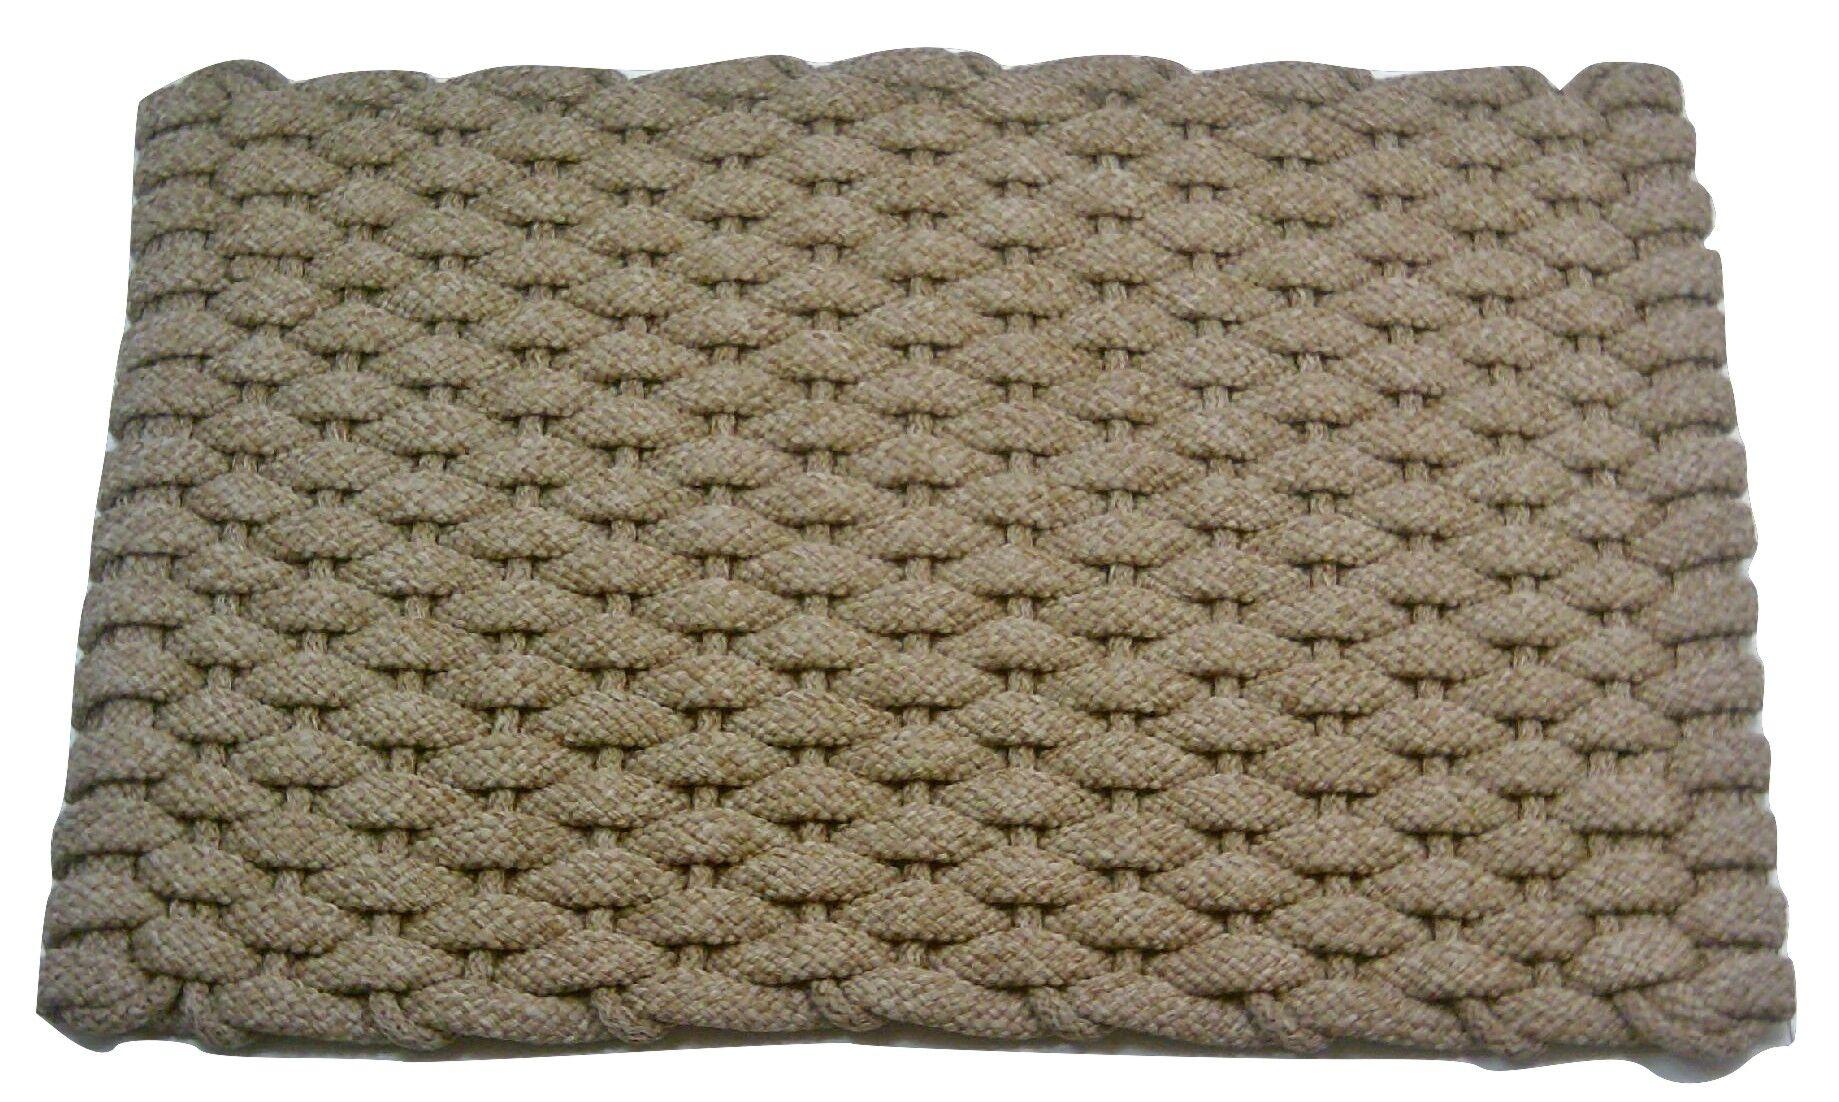 Arron Doormat Mat Size: 2' x 3'2